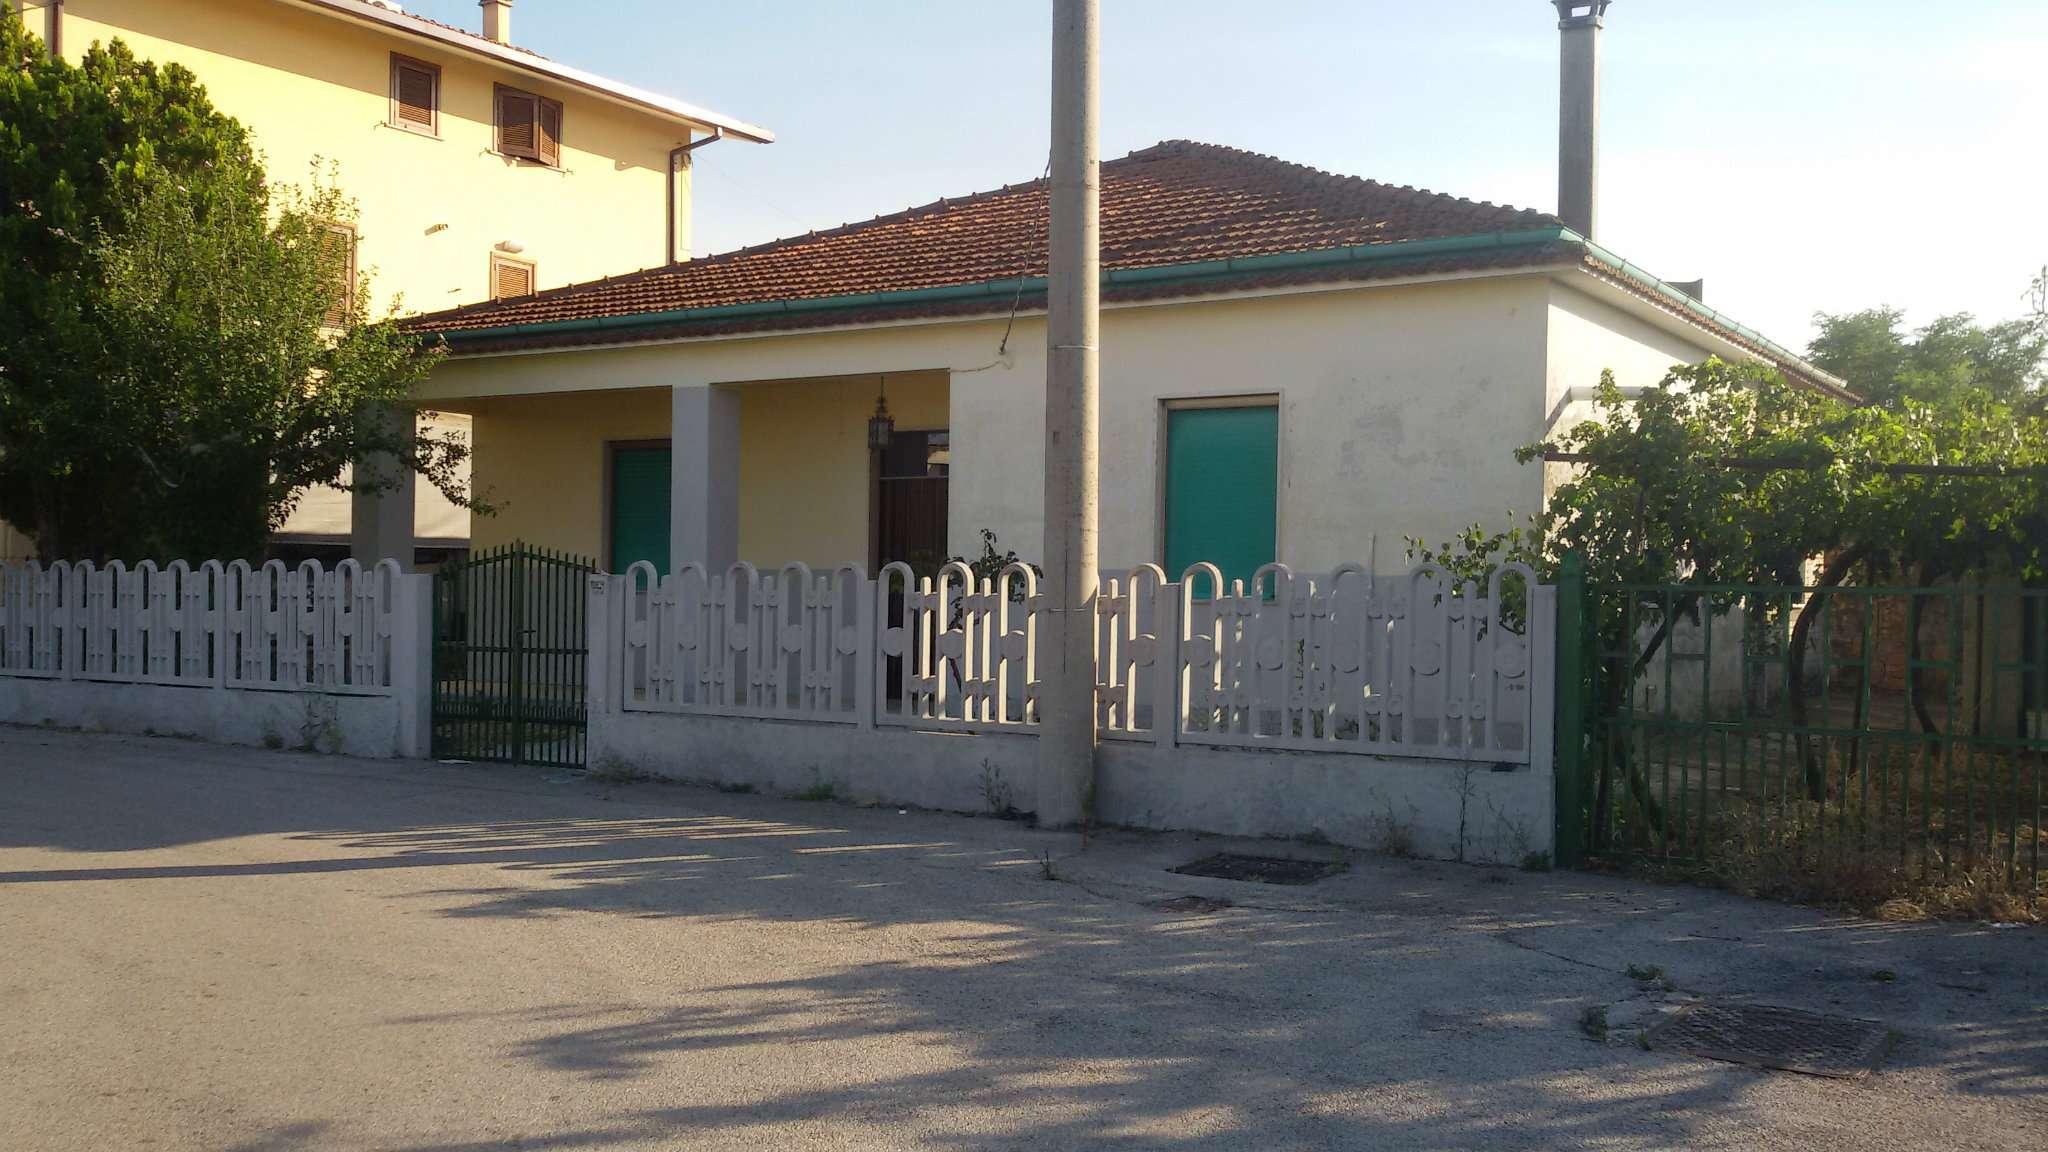 Casa singola con ampio terreno esclusivo